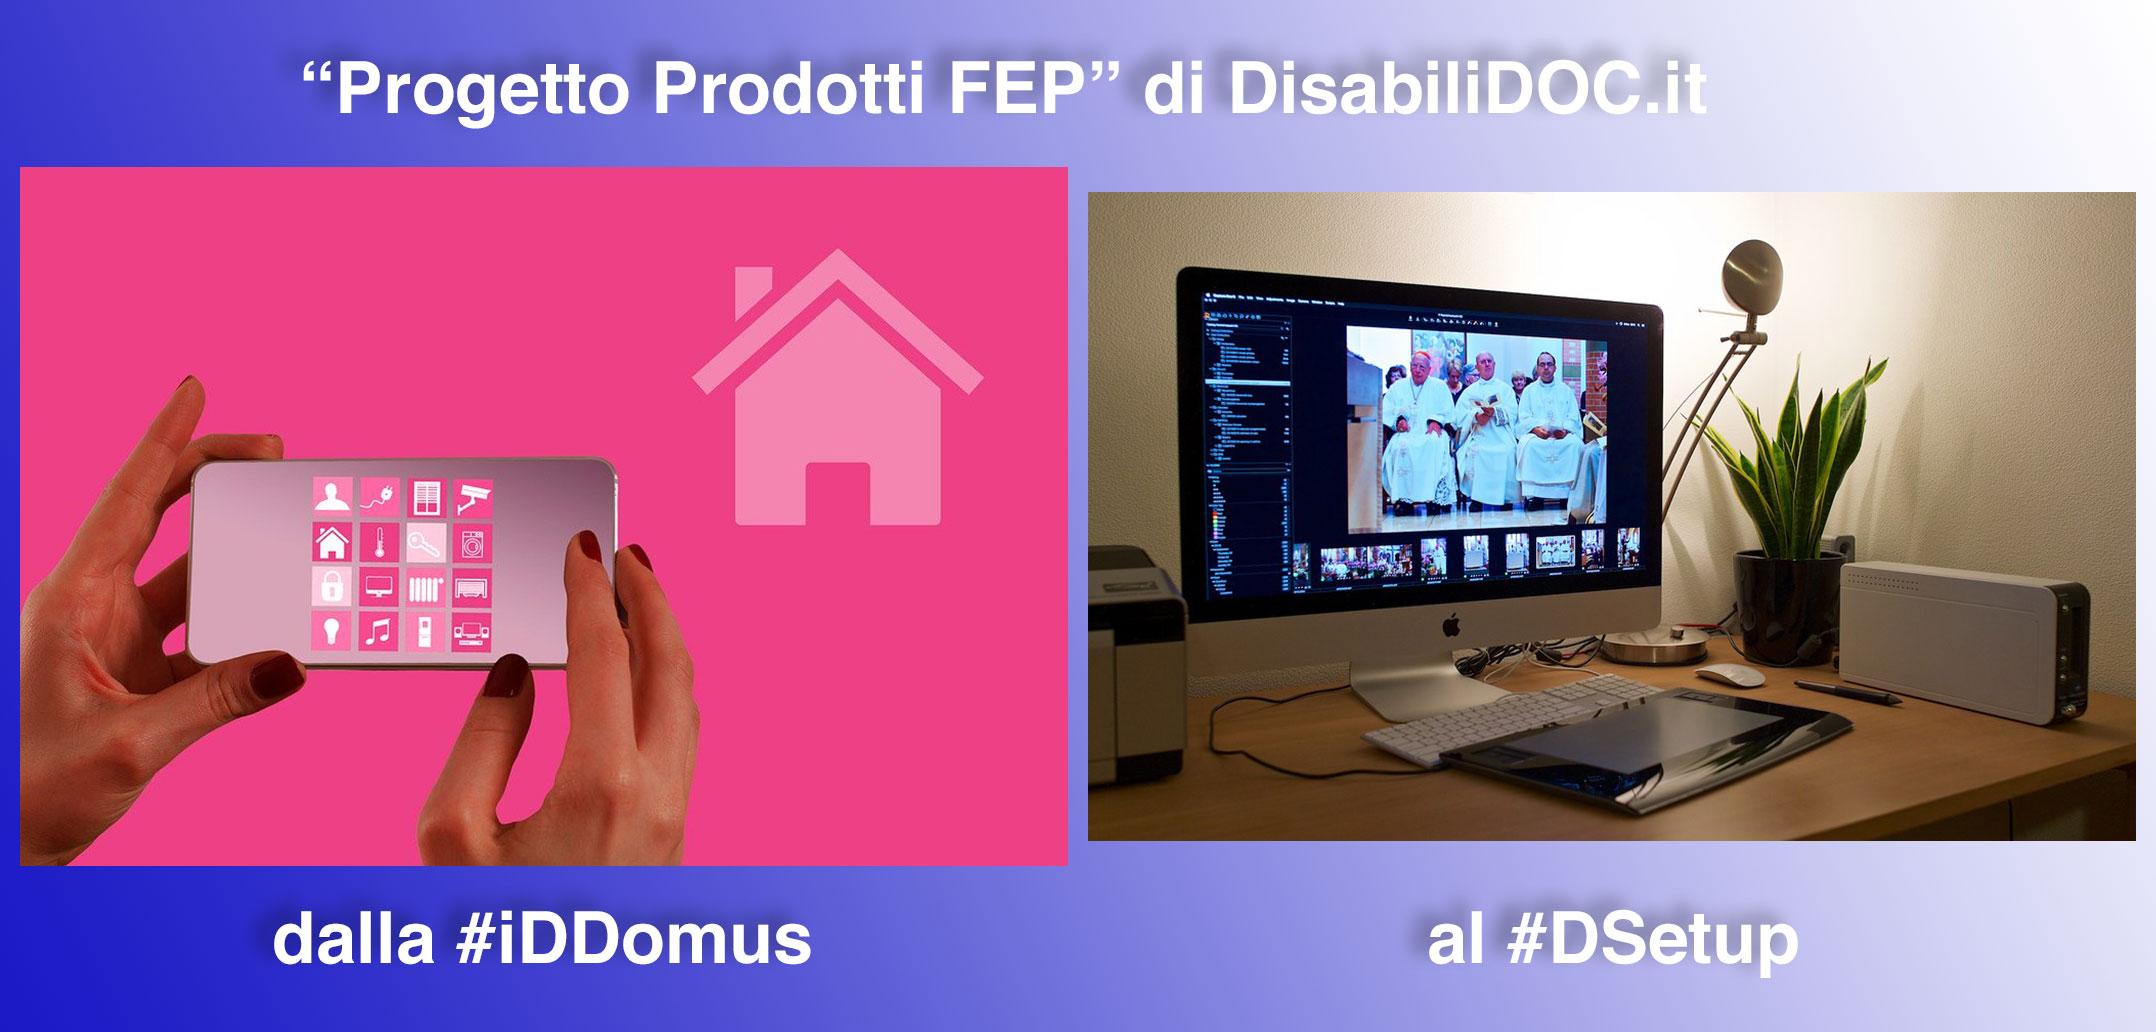 """""""Progetto Prodotti FEP"""": meno ausili per Disabili e più prodotti pensati Per Ogni Persona – FEP"""